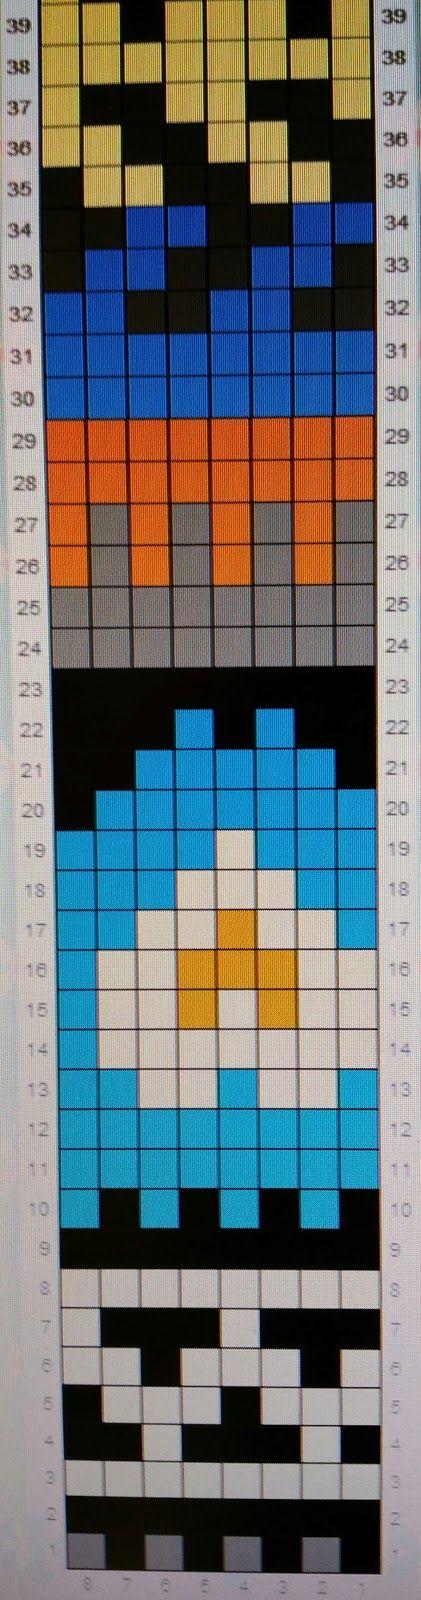 kyysukat+1.jpg (421×1600)